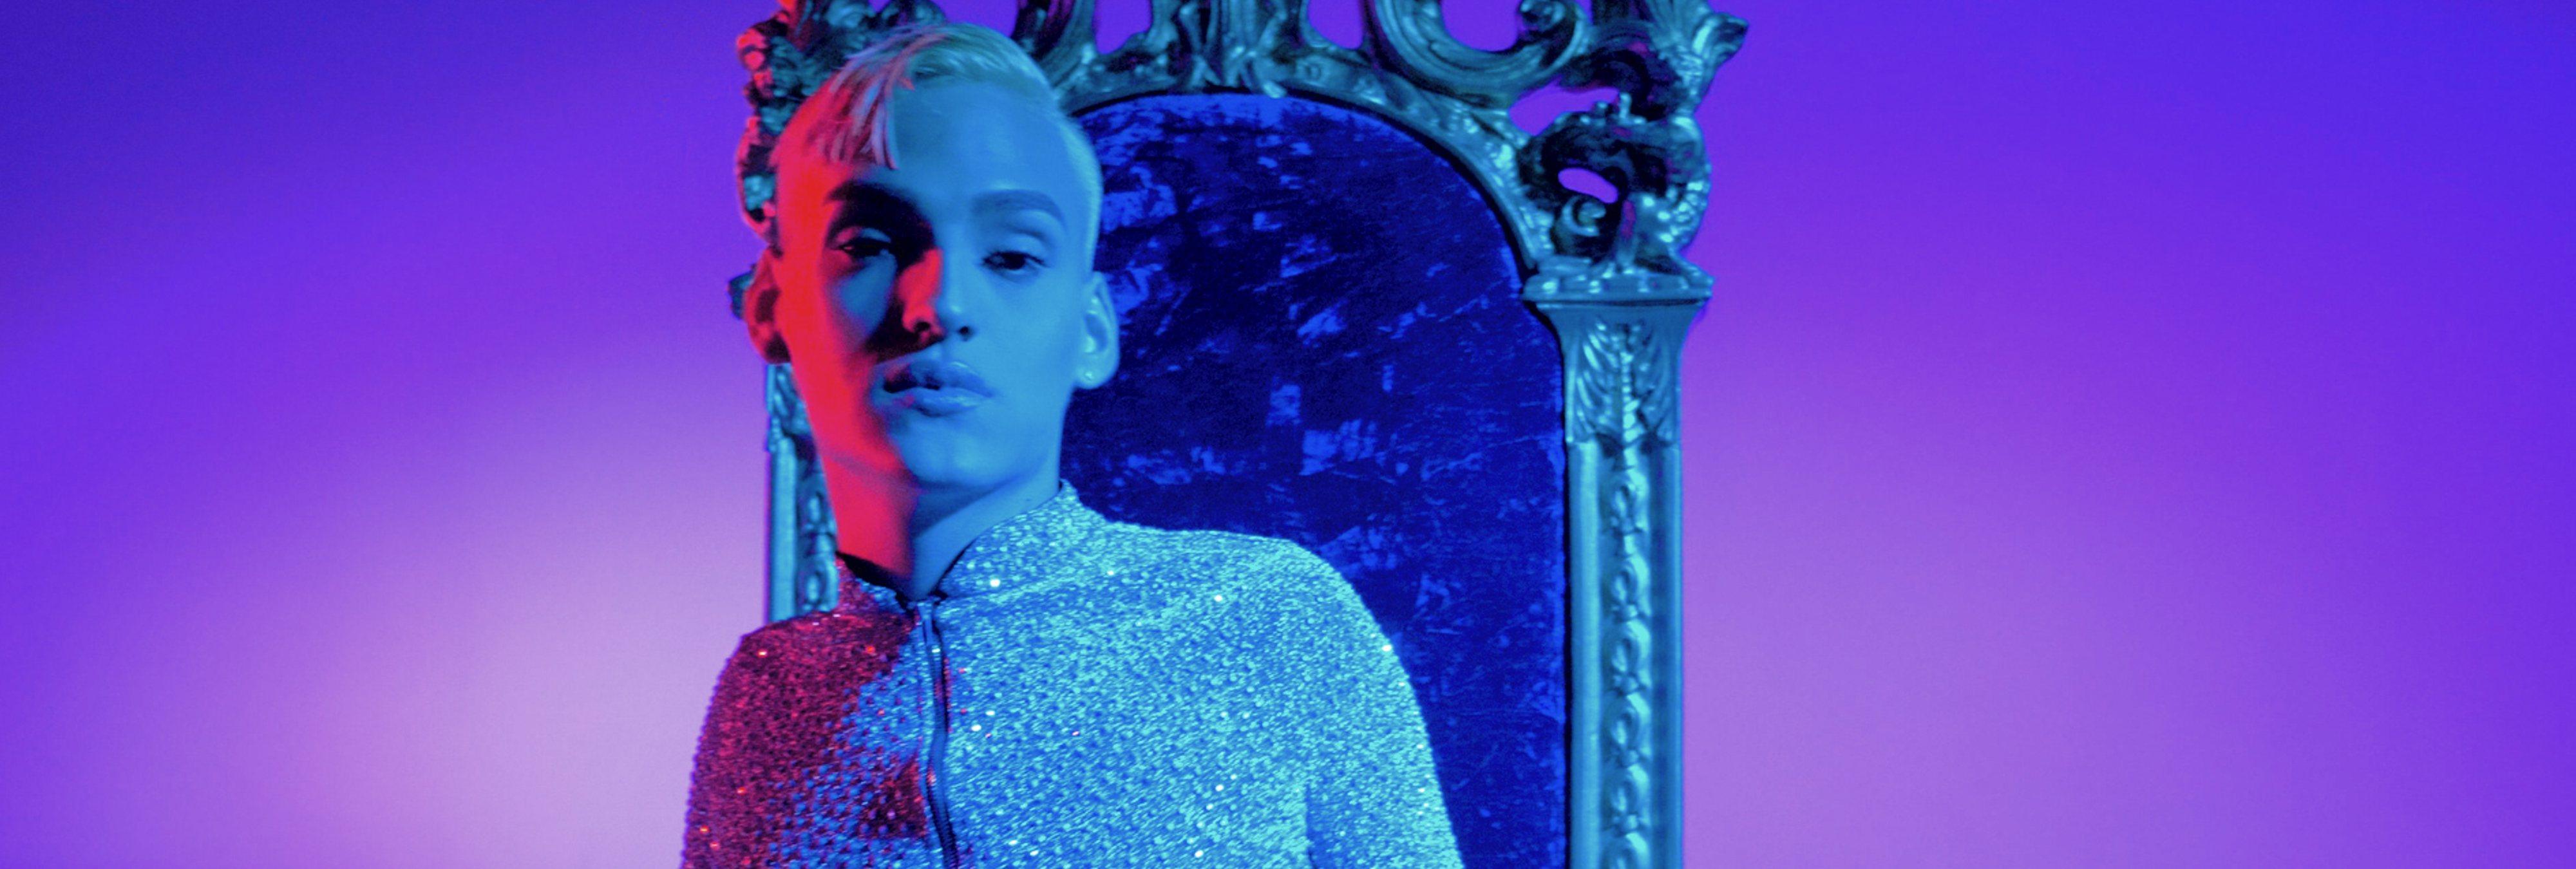 Muere asesinado a tiros Kevin Fret, el primer cantante de trap abiertamente gay